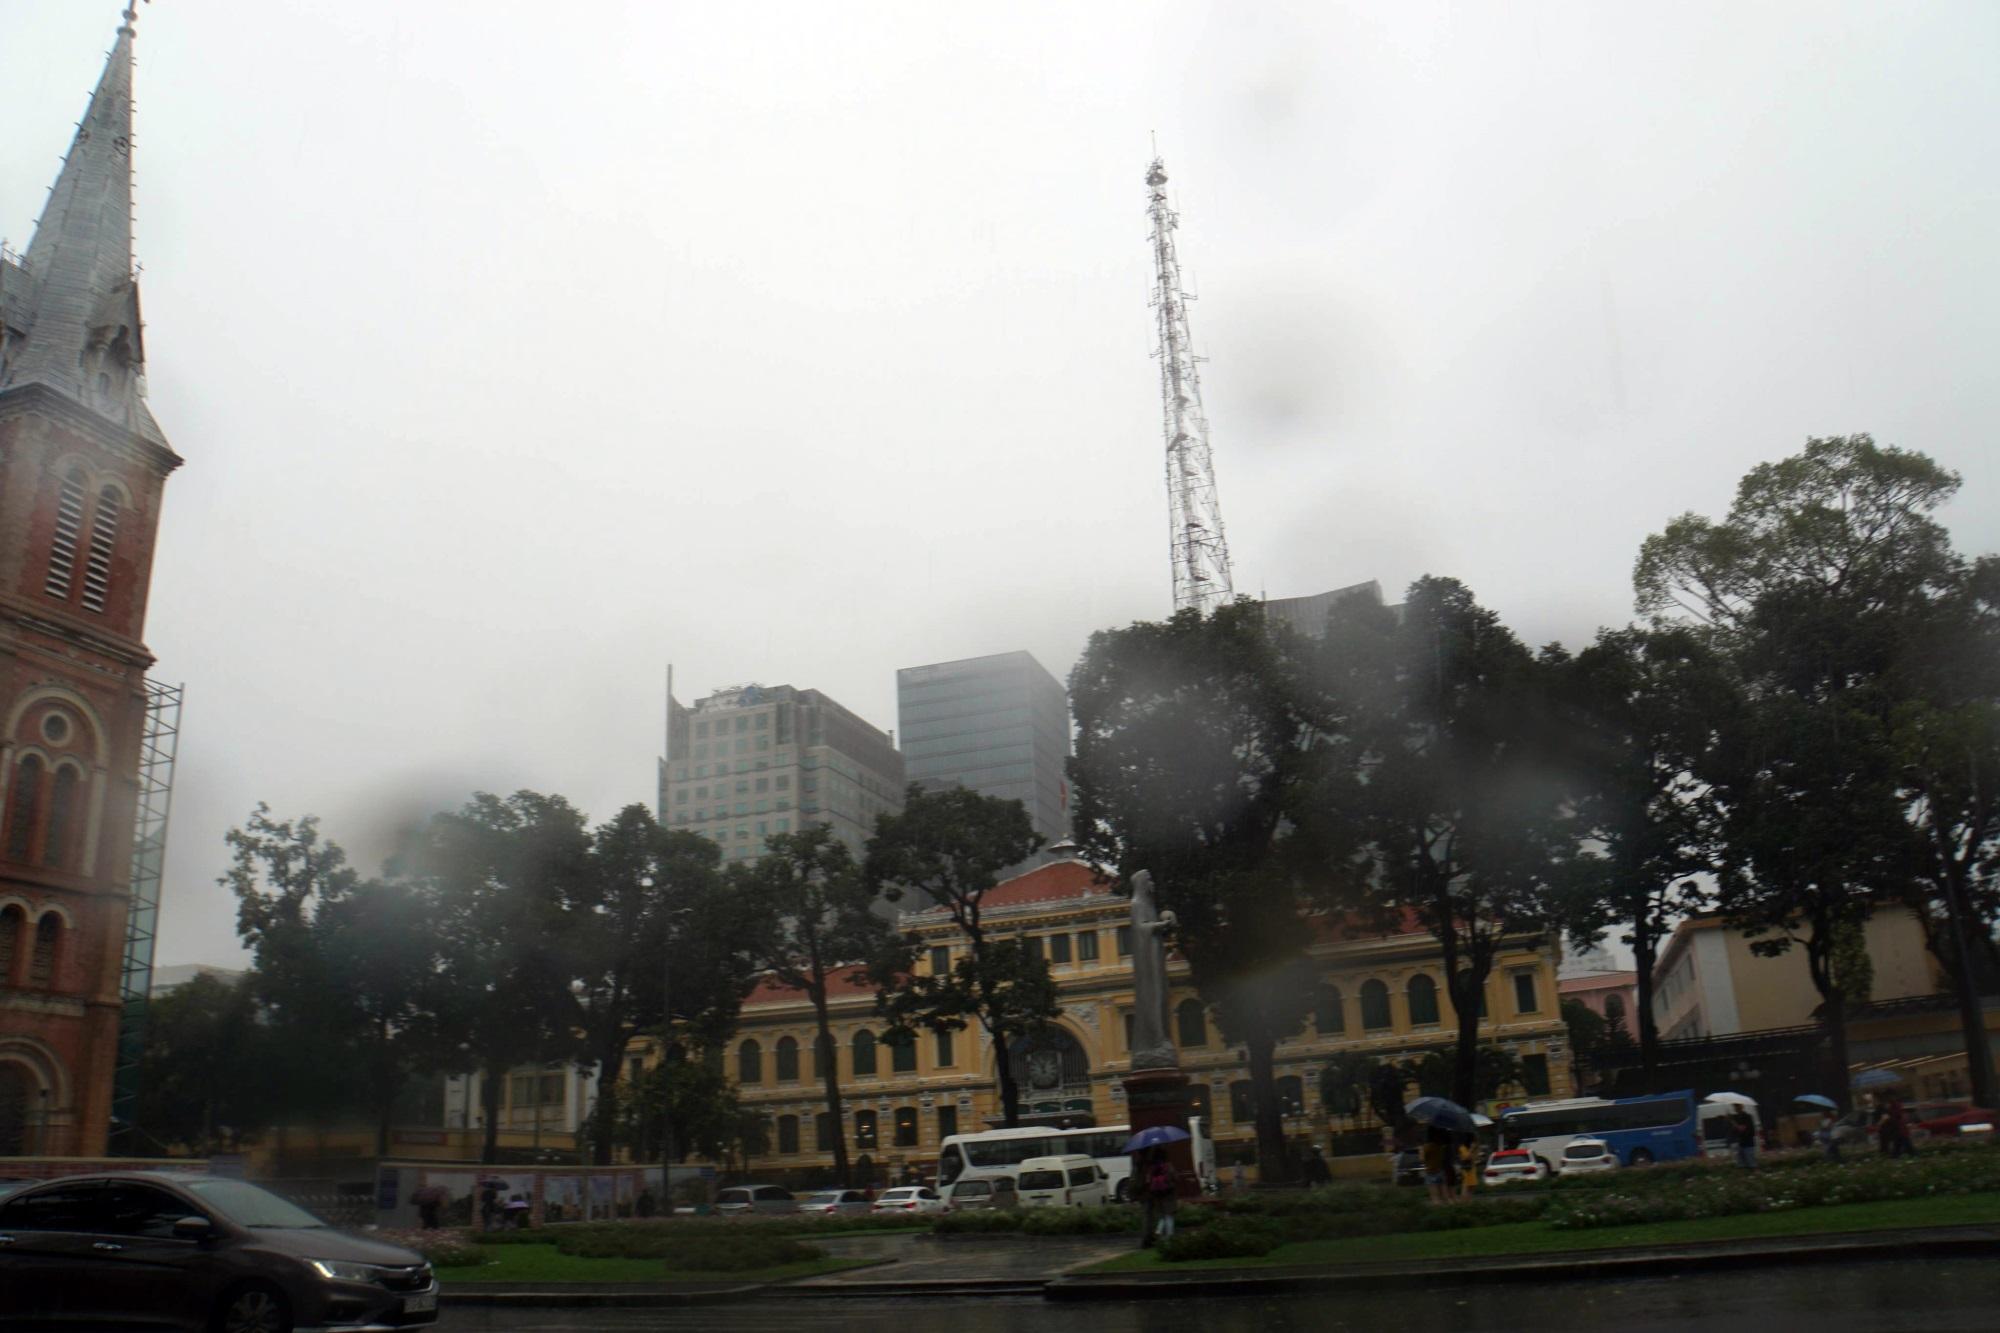 Sài Gòn mưa như trút nước, du khách thoải mái dạo mưa chụp ảnh - Ảnh 2